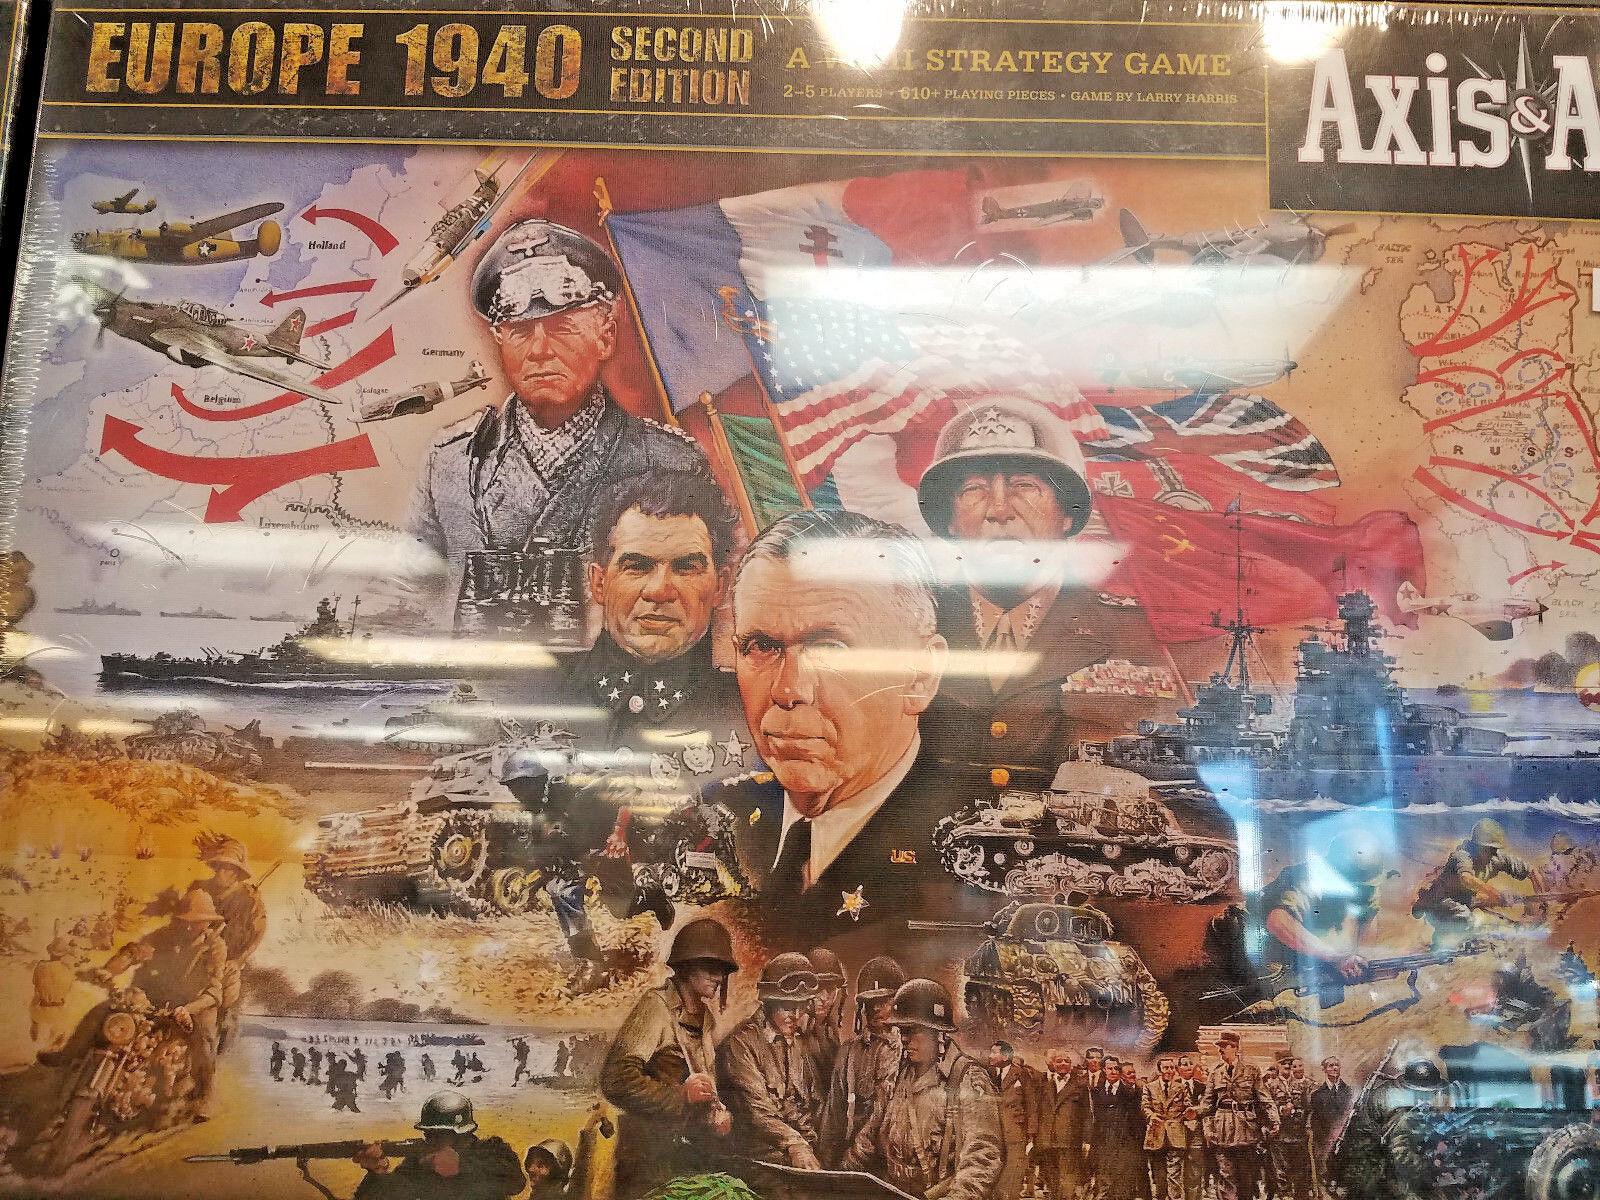 Eje y aliados 1940 Europa Segunda Edición-Juego de mesa guerra nuevo un & a